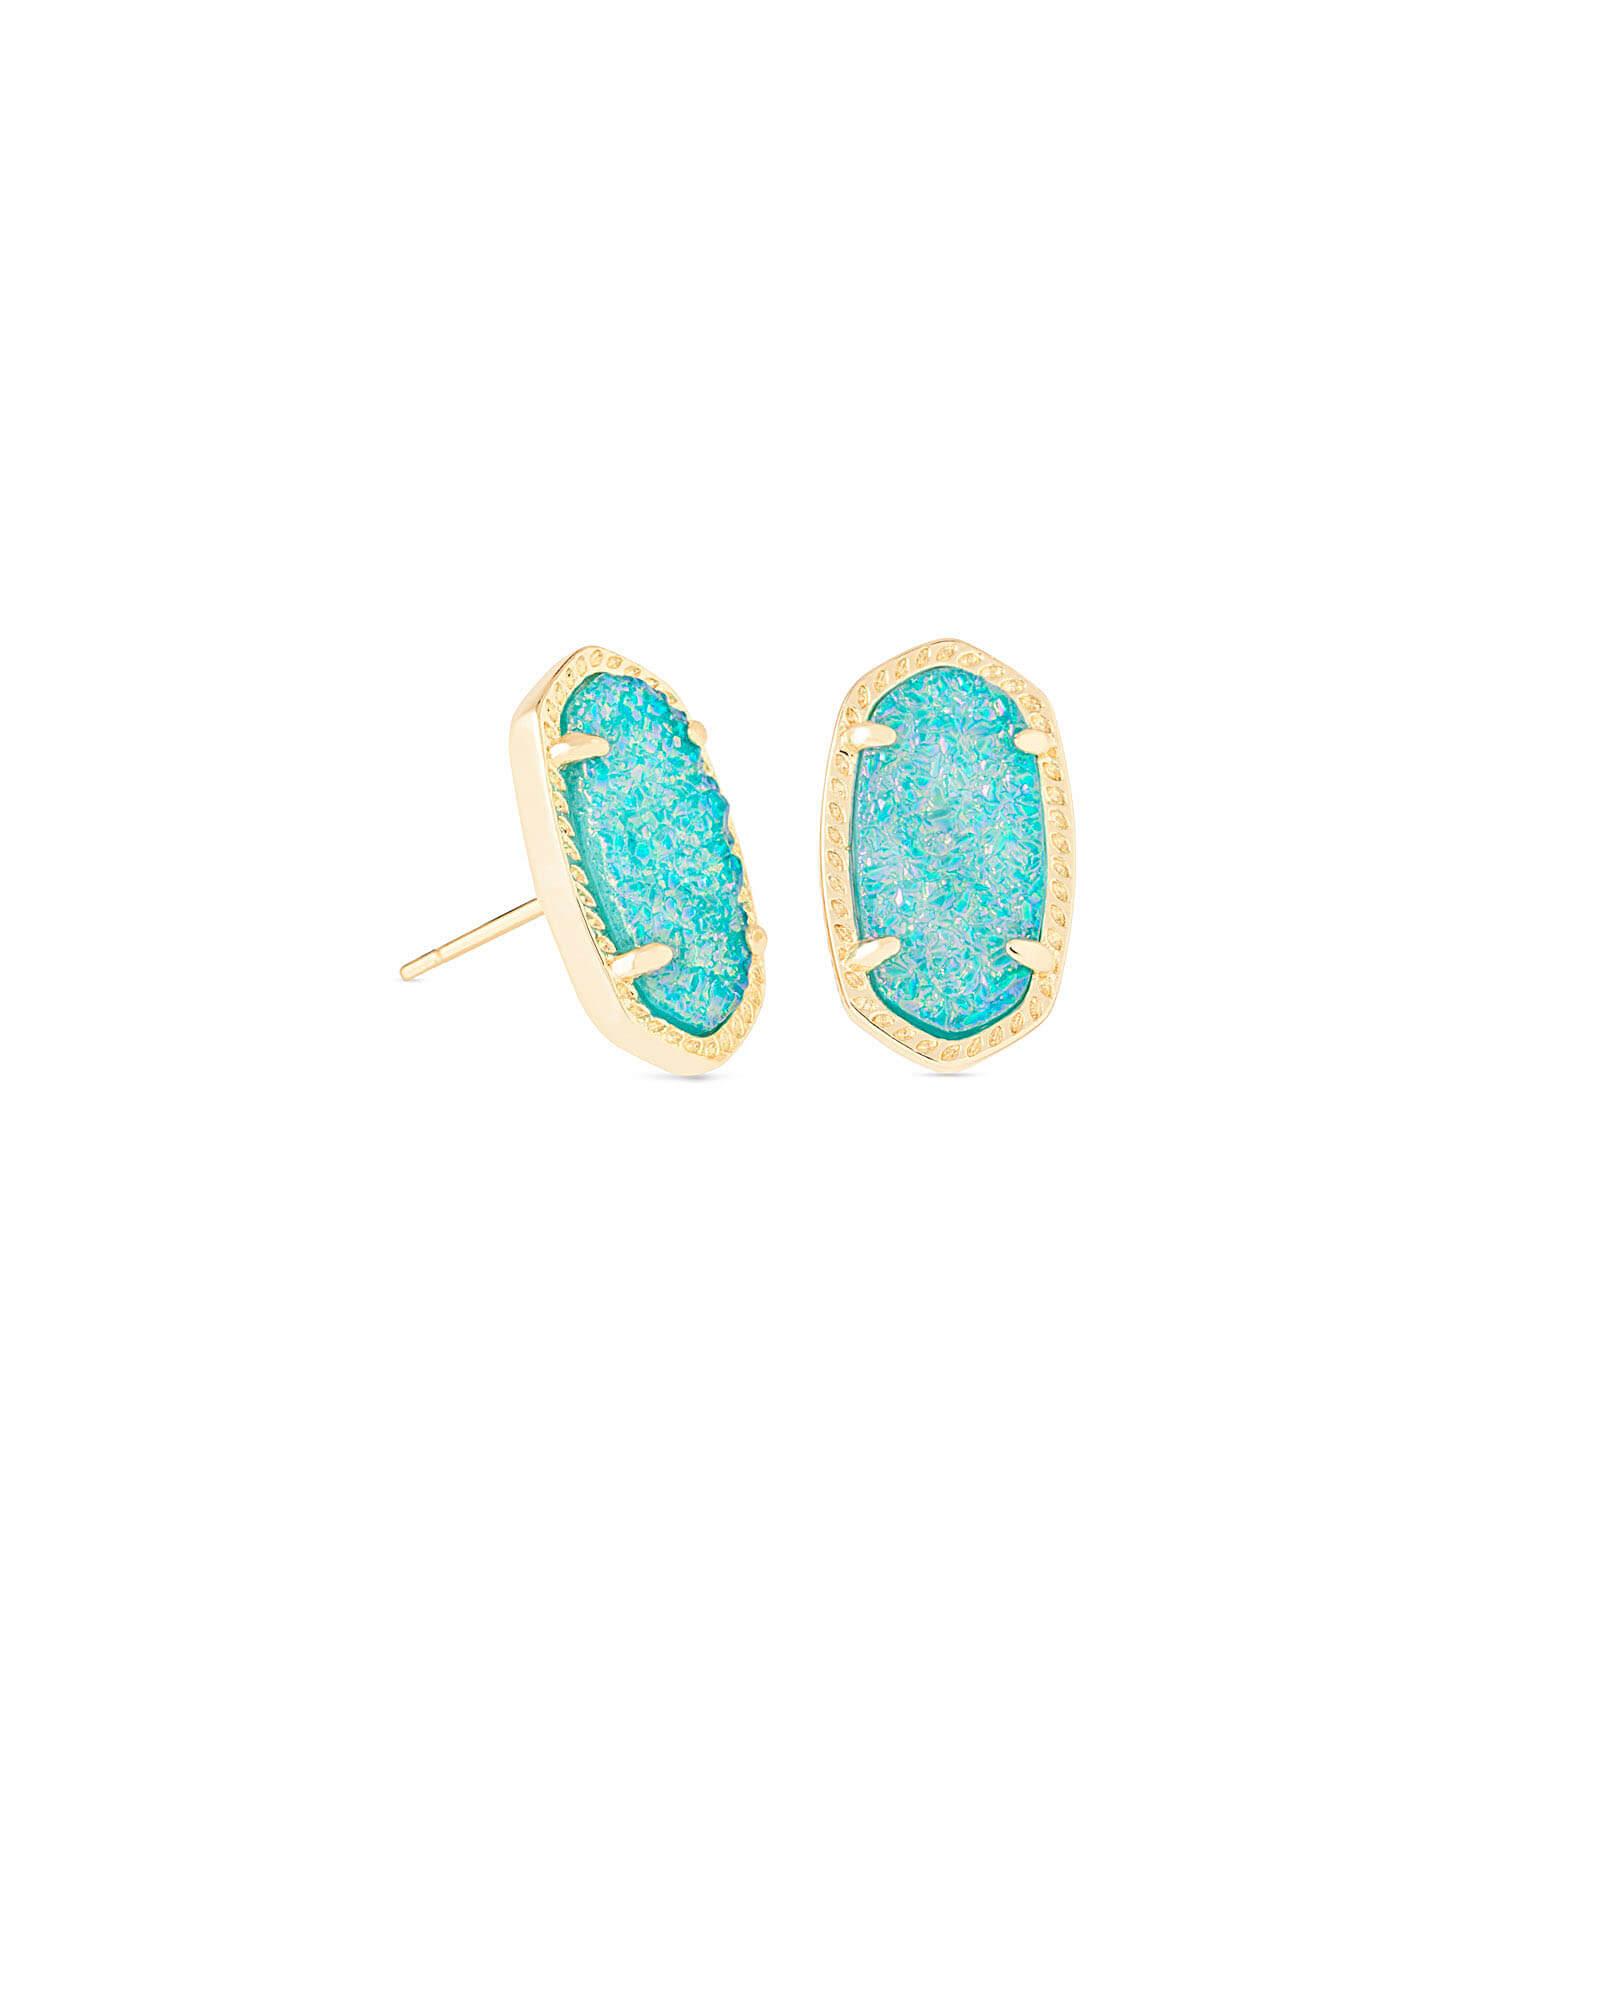 Ellie Gold Stud Earrings in Teal Drusy